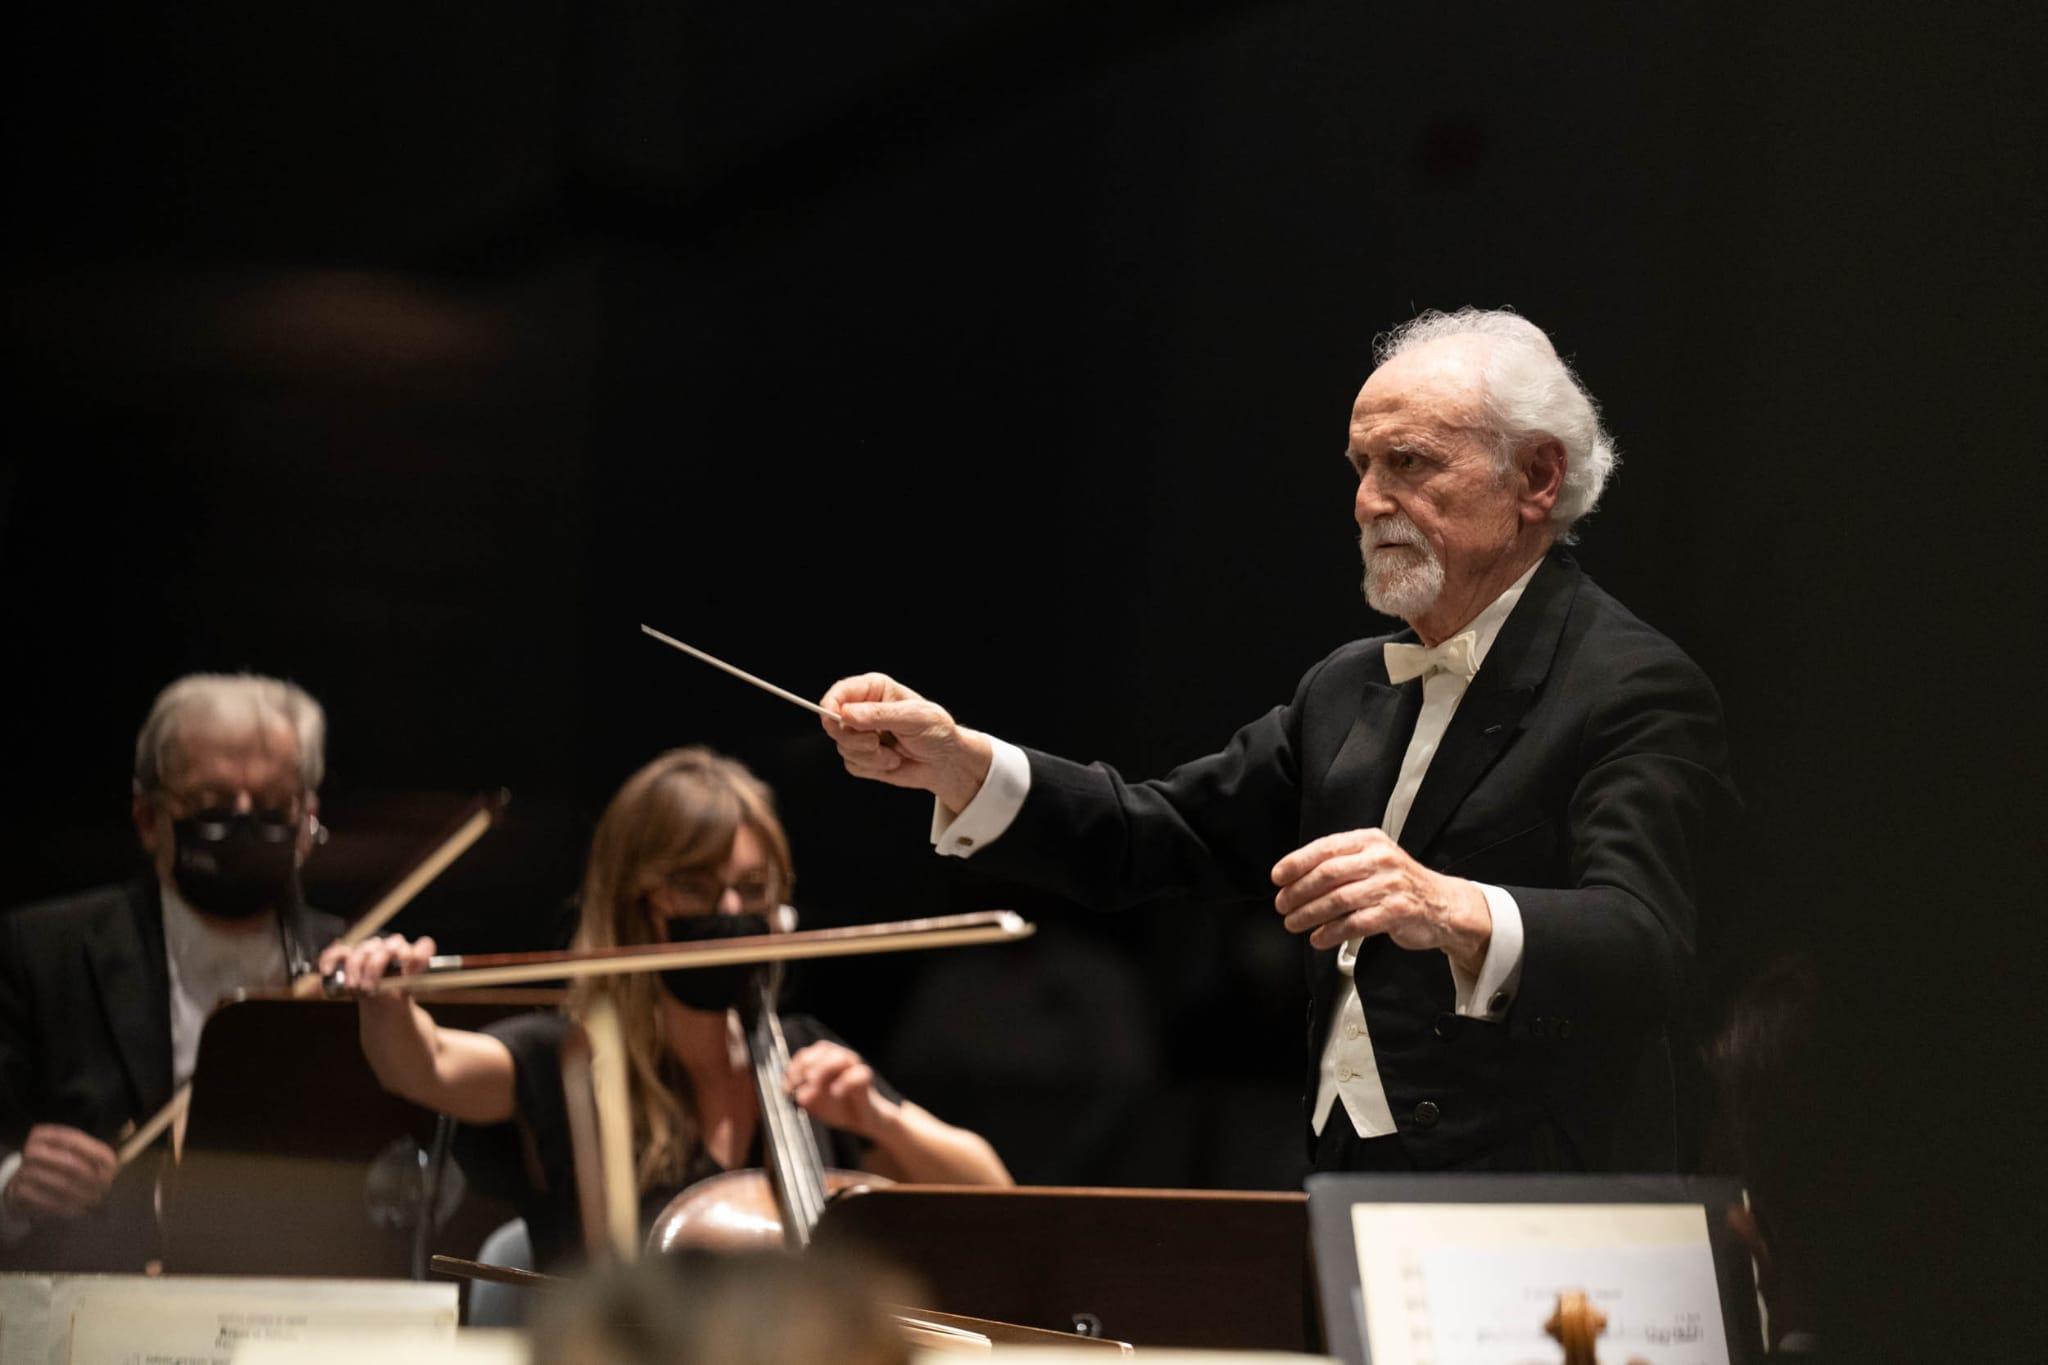 Armando Alfonso disfruta de una velada inolvidable dirigiendo a la Sinfónica de Tenerife